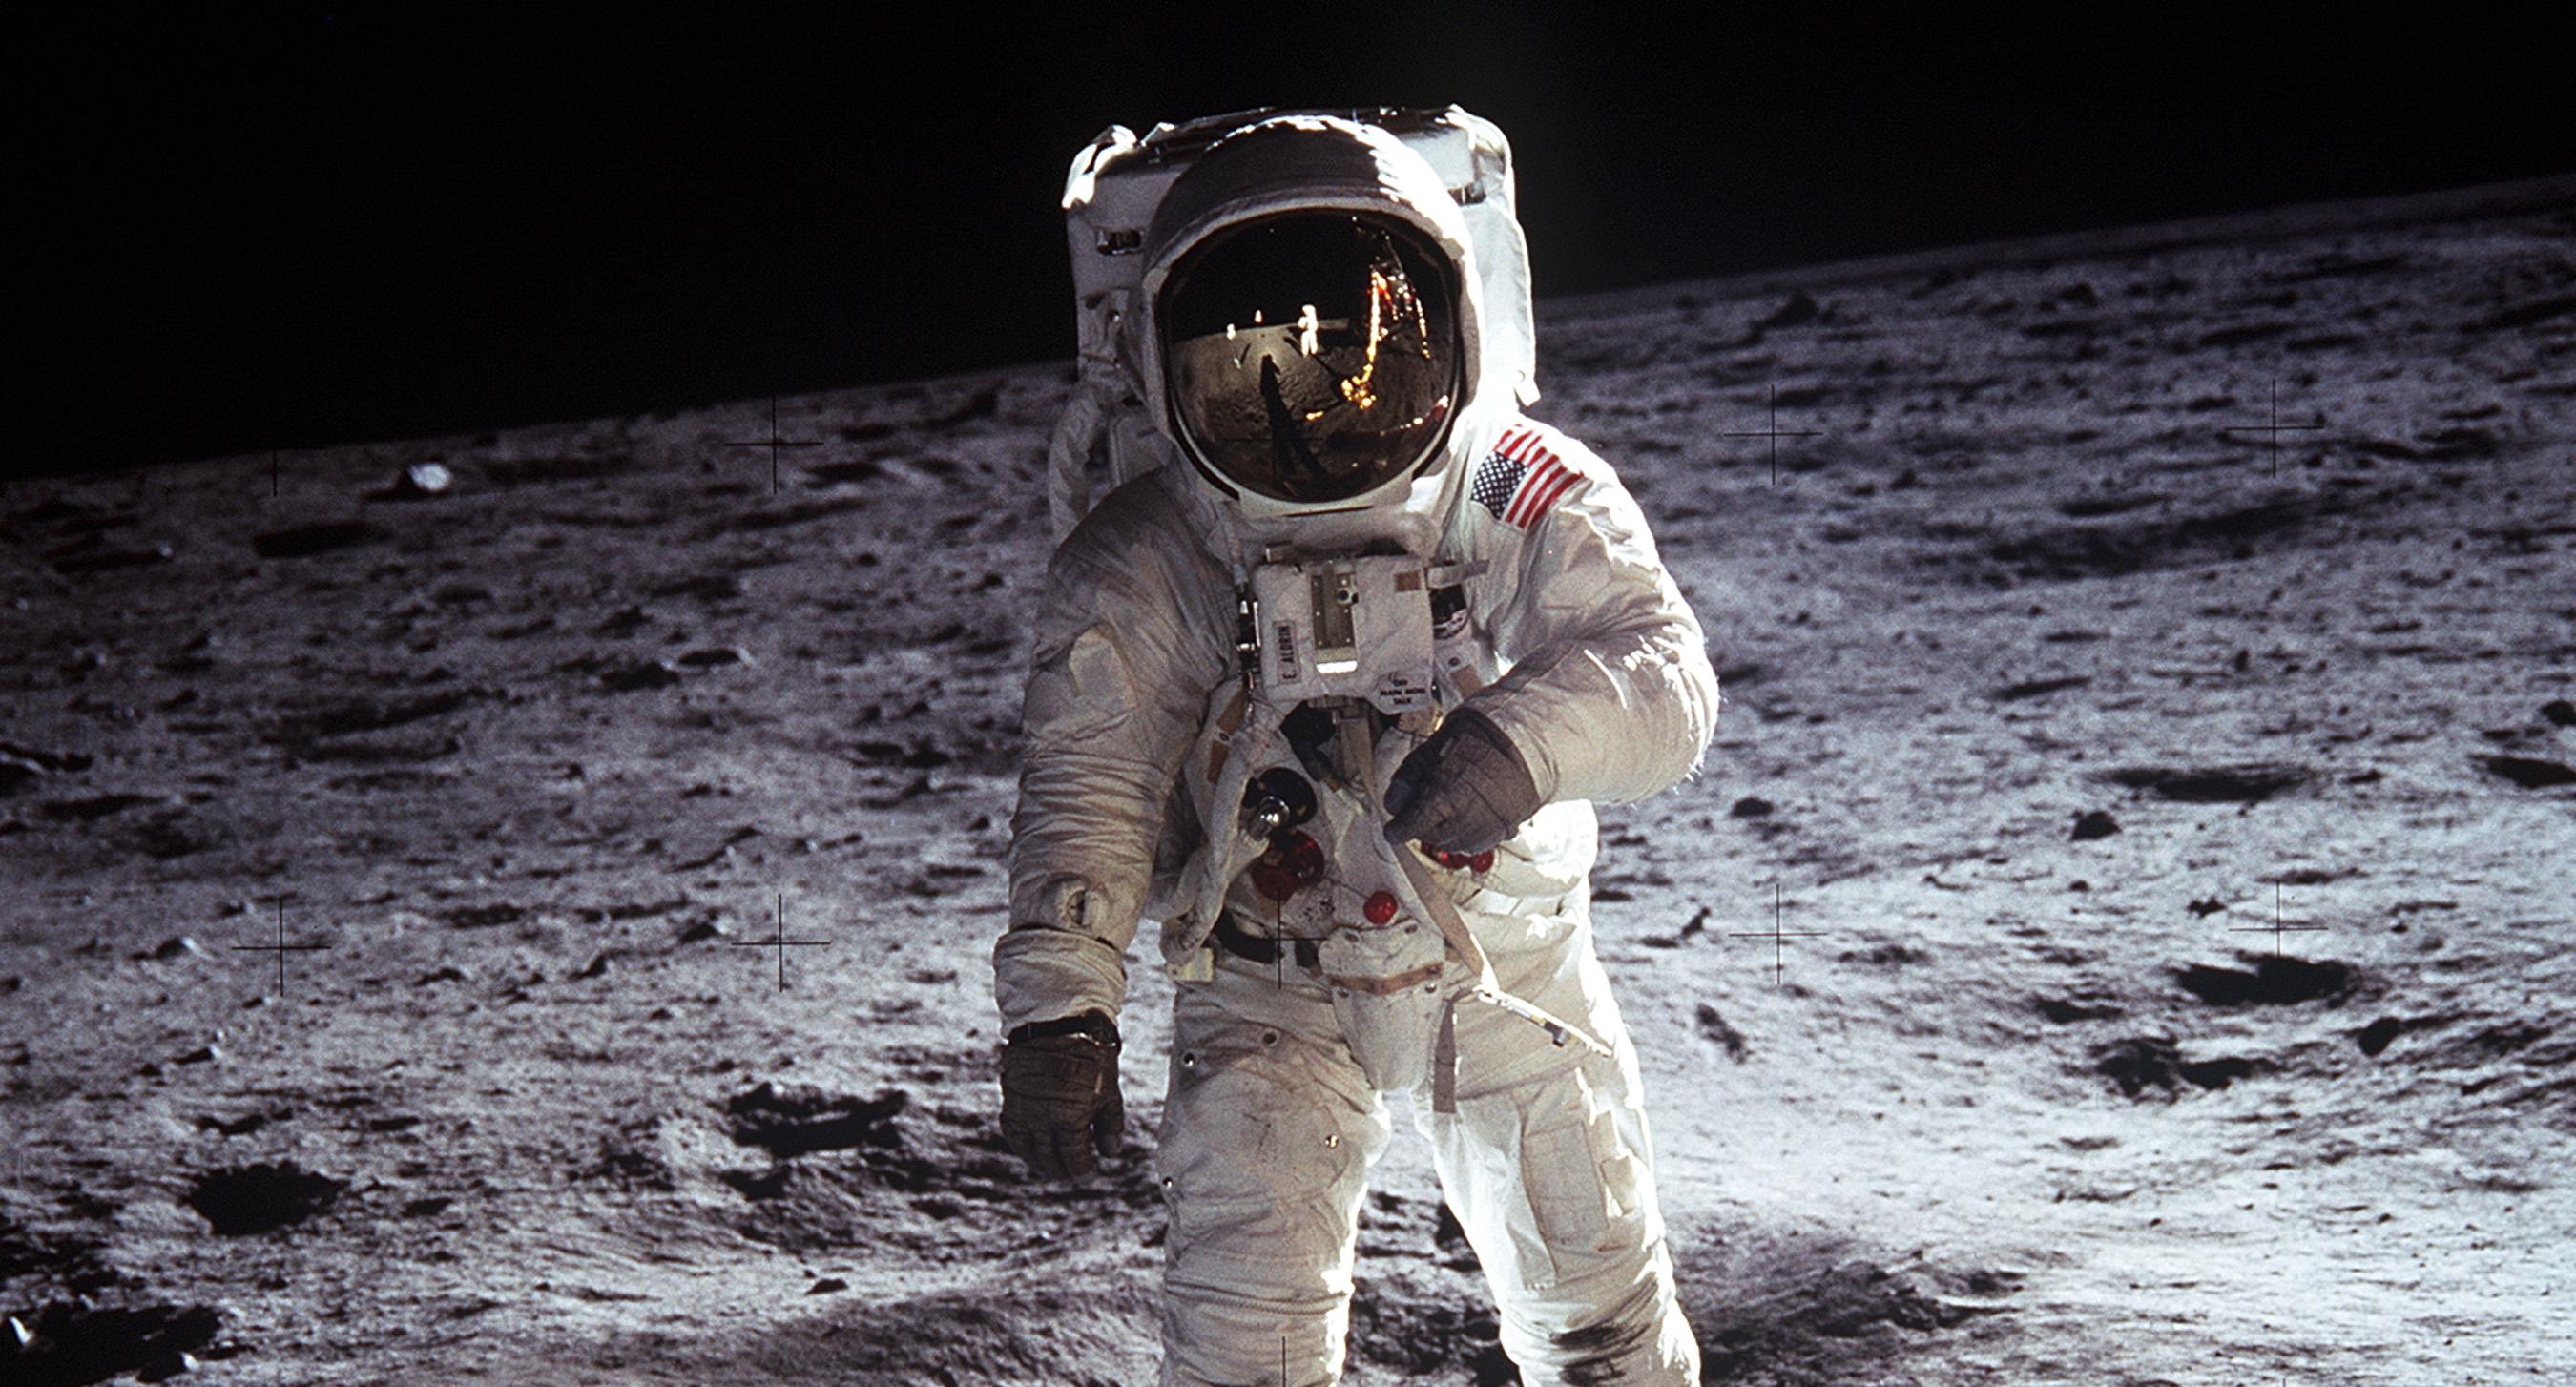 Buzz Aldrin walking on the Moon, on Apollo 11, July 20–21, 1969. <i>By NASA, via Wikimedia Commons</i>